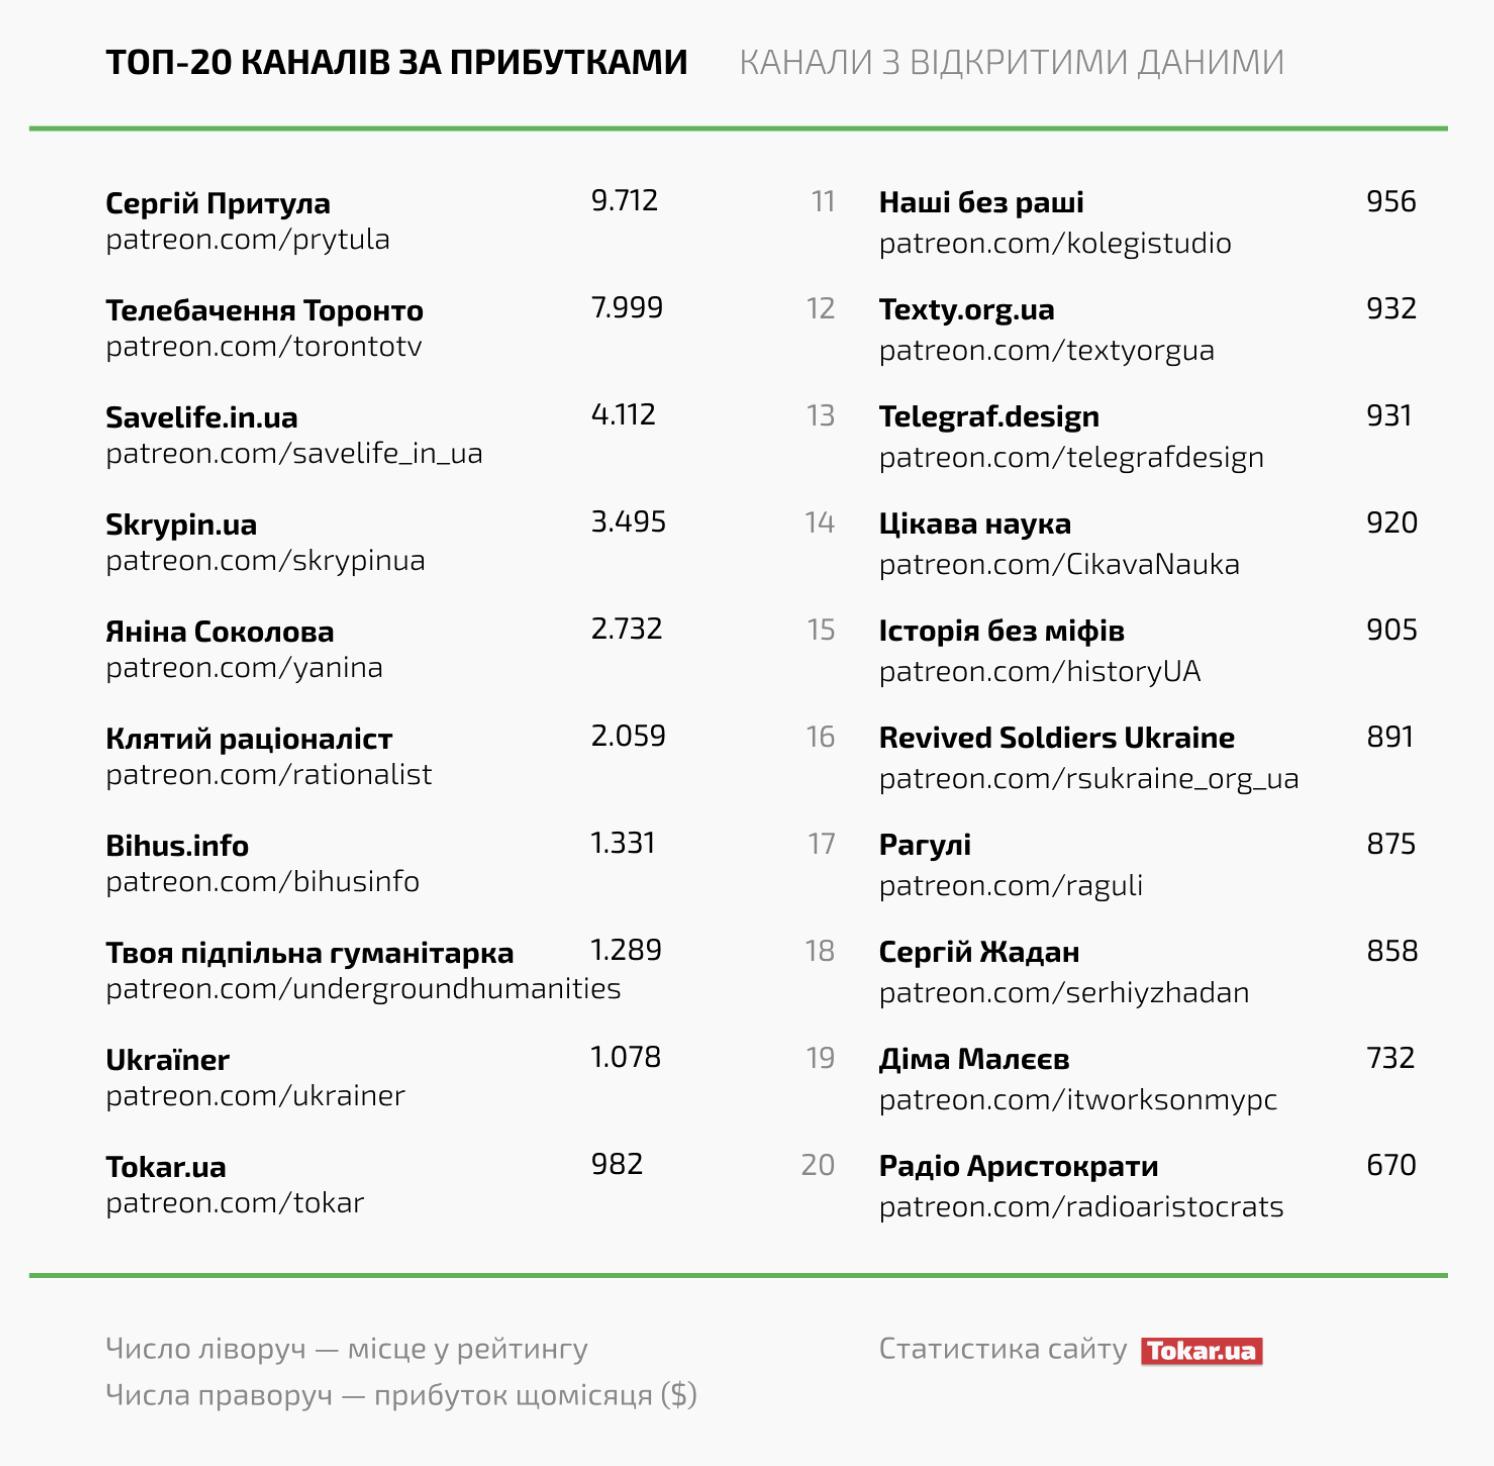 Источник: tokar.ua